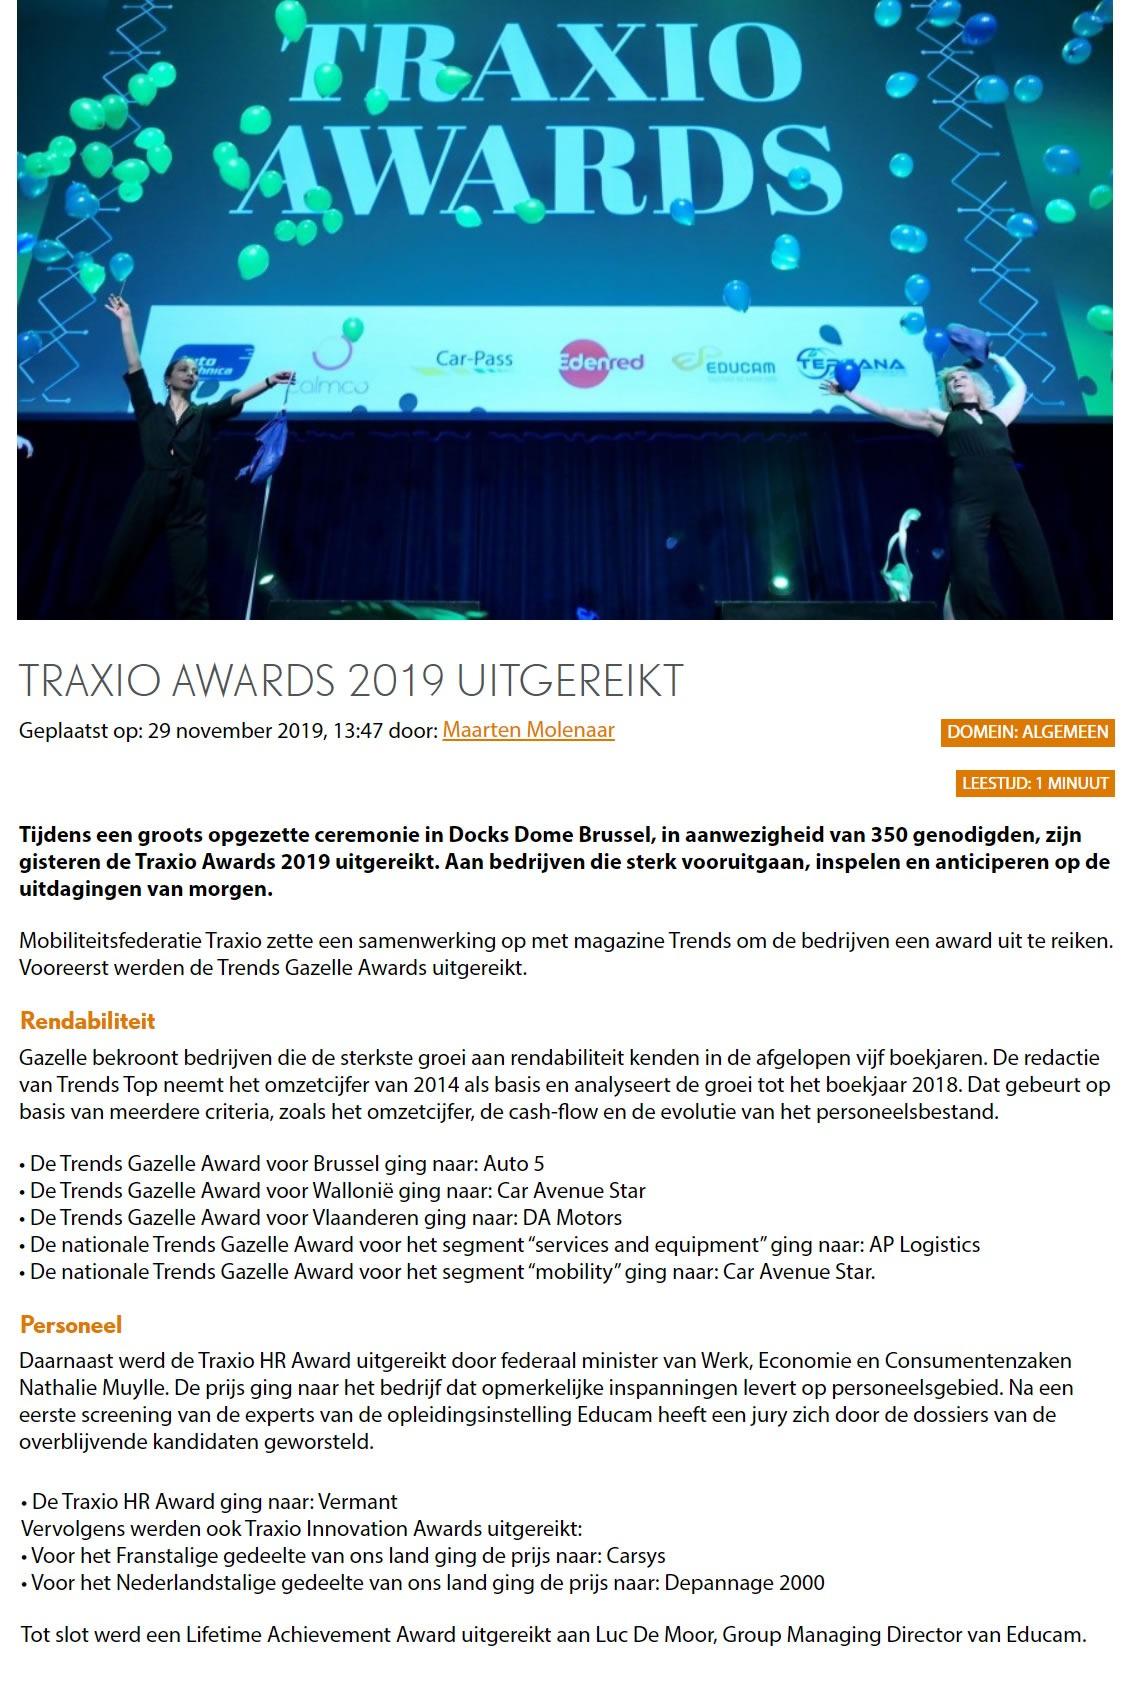 Traxio Awards 2019 uitgereikt